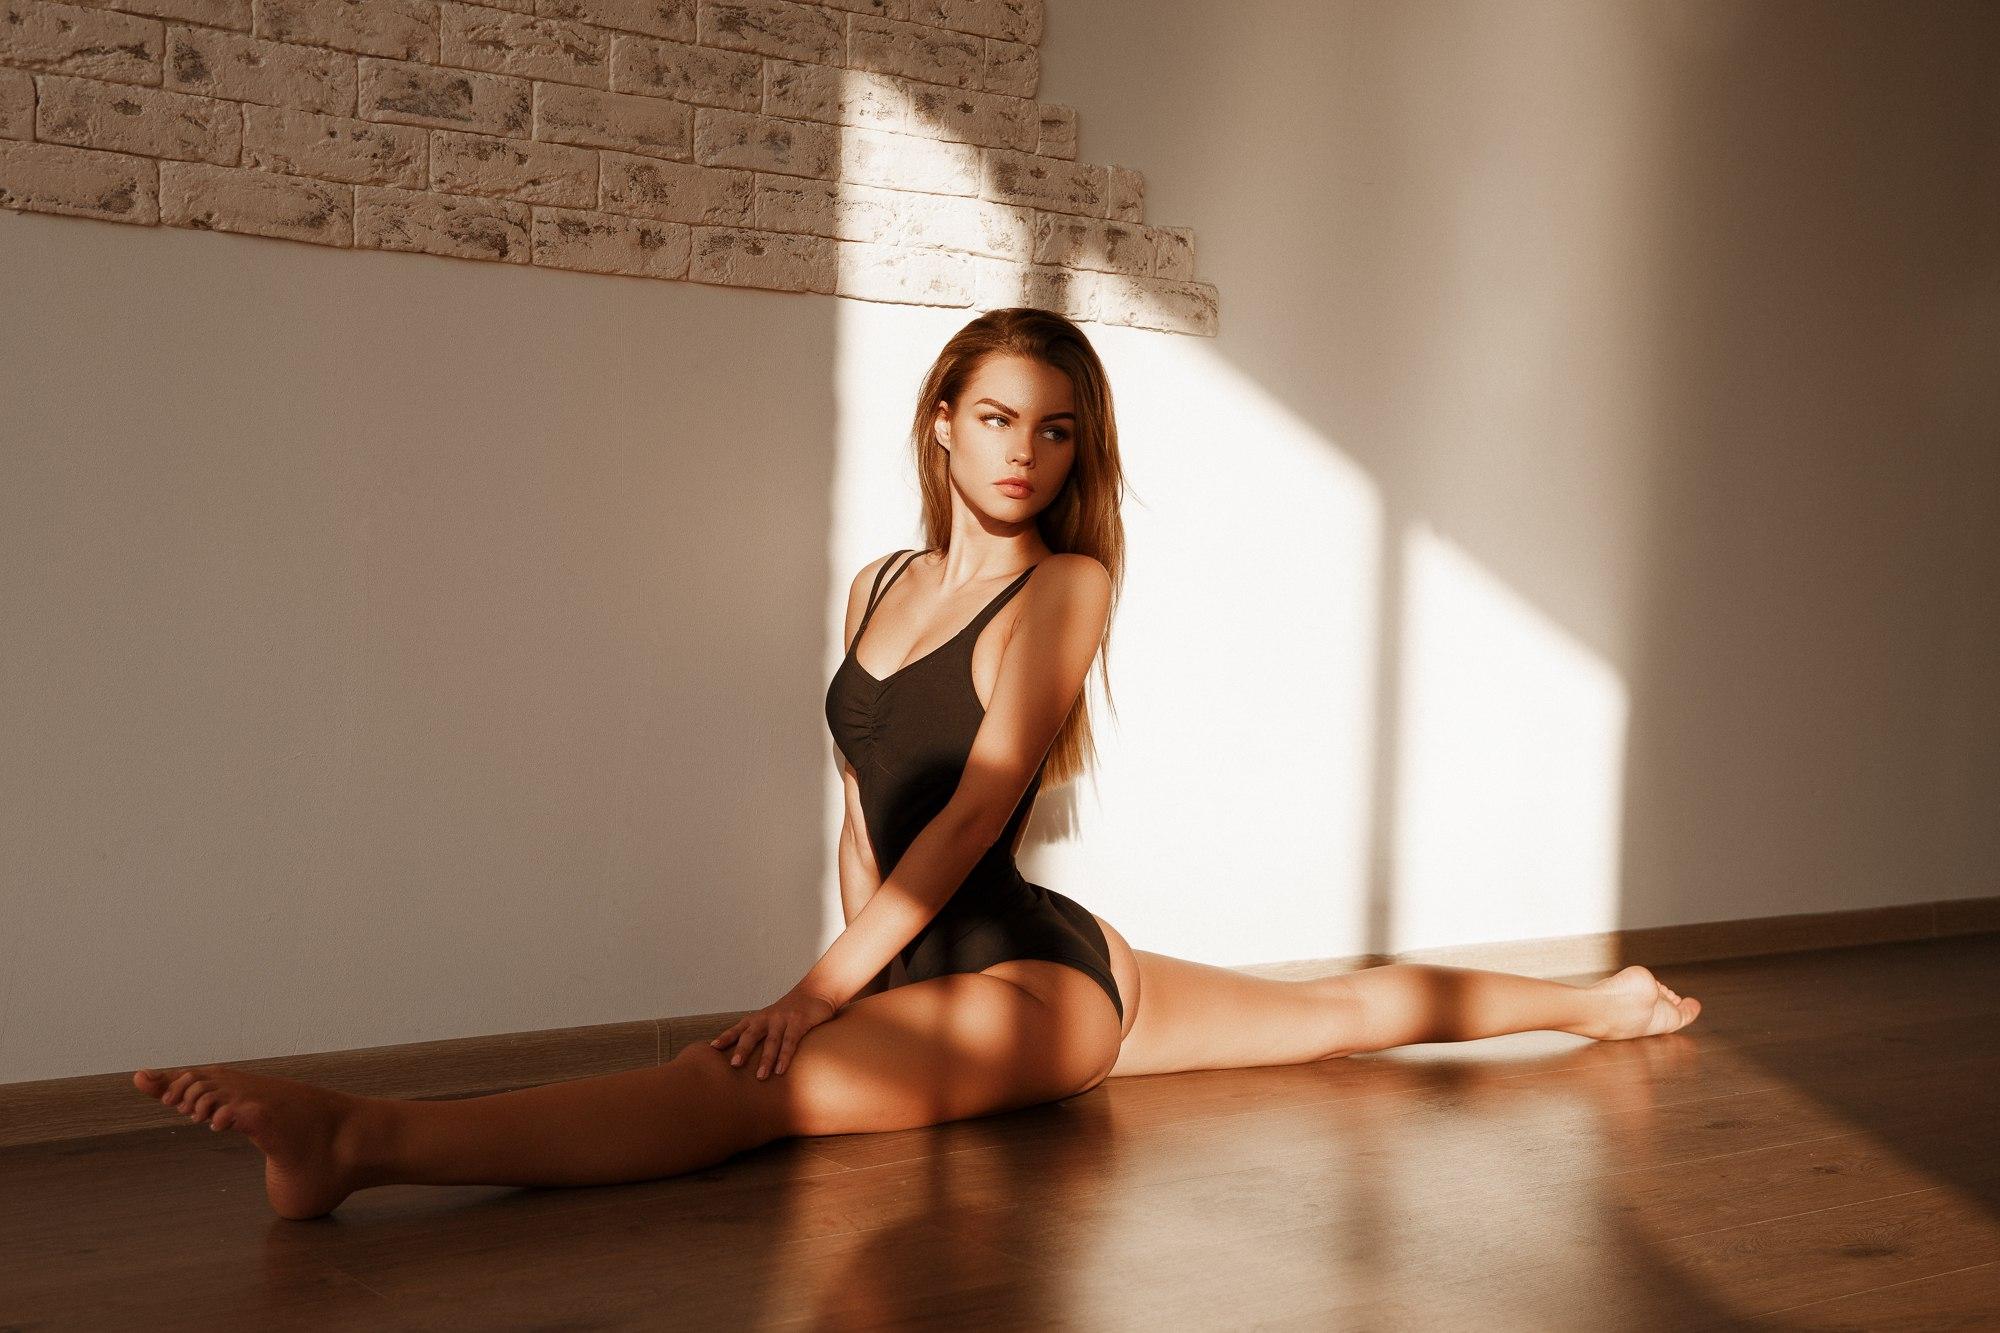 качественные фото красиво раздвинула ноги крупным